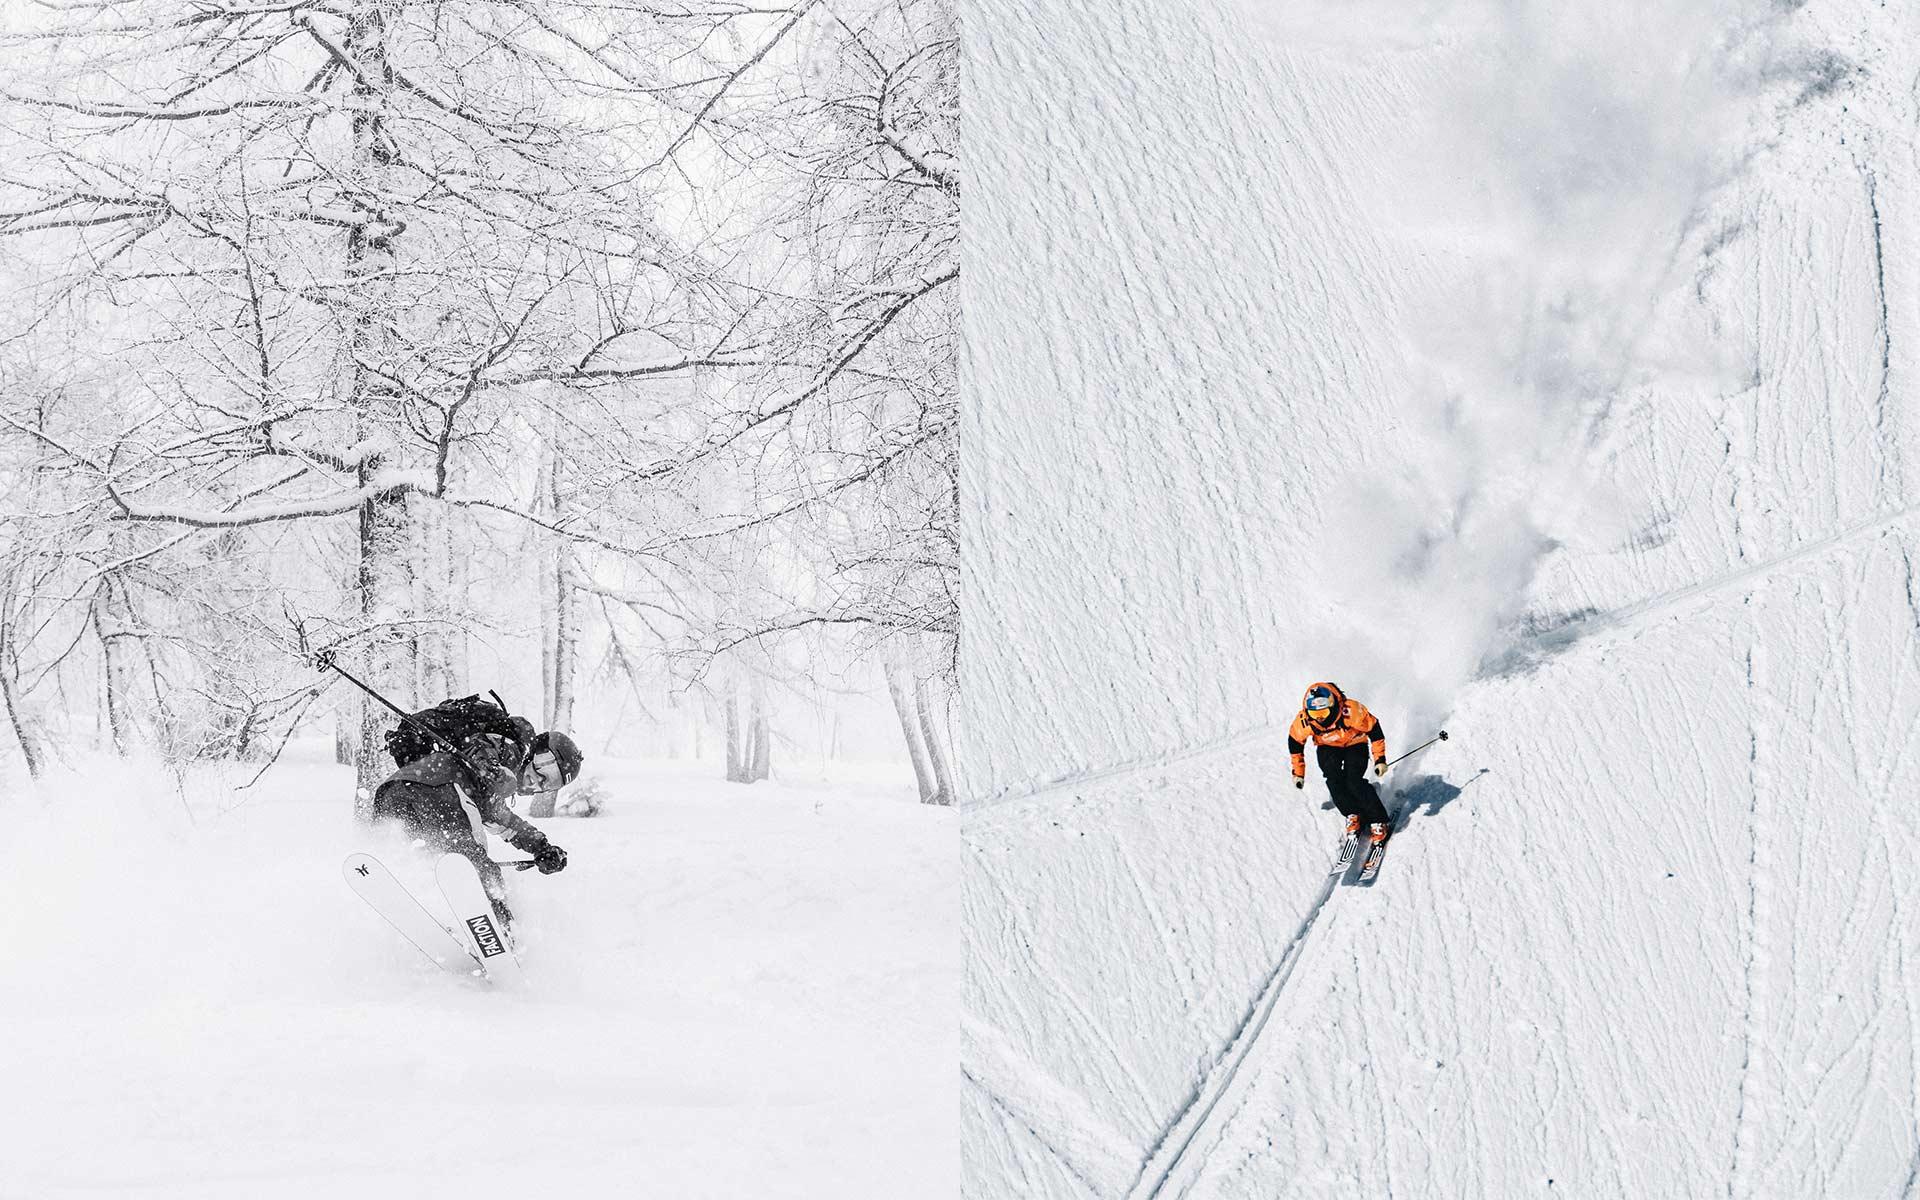 Hier fühlt sich die Peak Performance Vertical Pro Kollektion besonders wohl: im Backcountry unter extremen Bedingungen. - links: Elisabeth Gerritzen - rechts: Kristofer Turdell